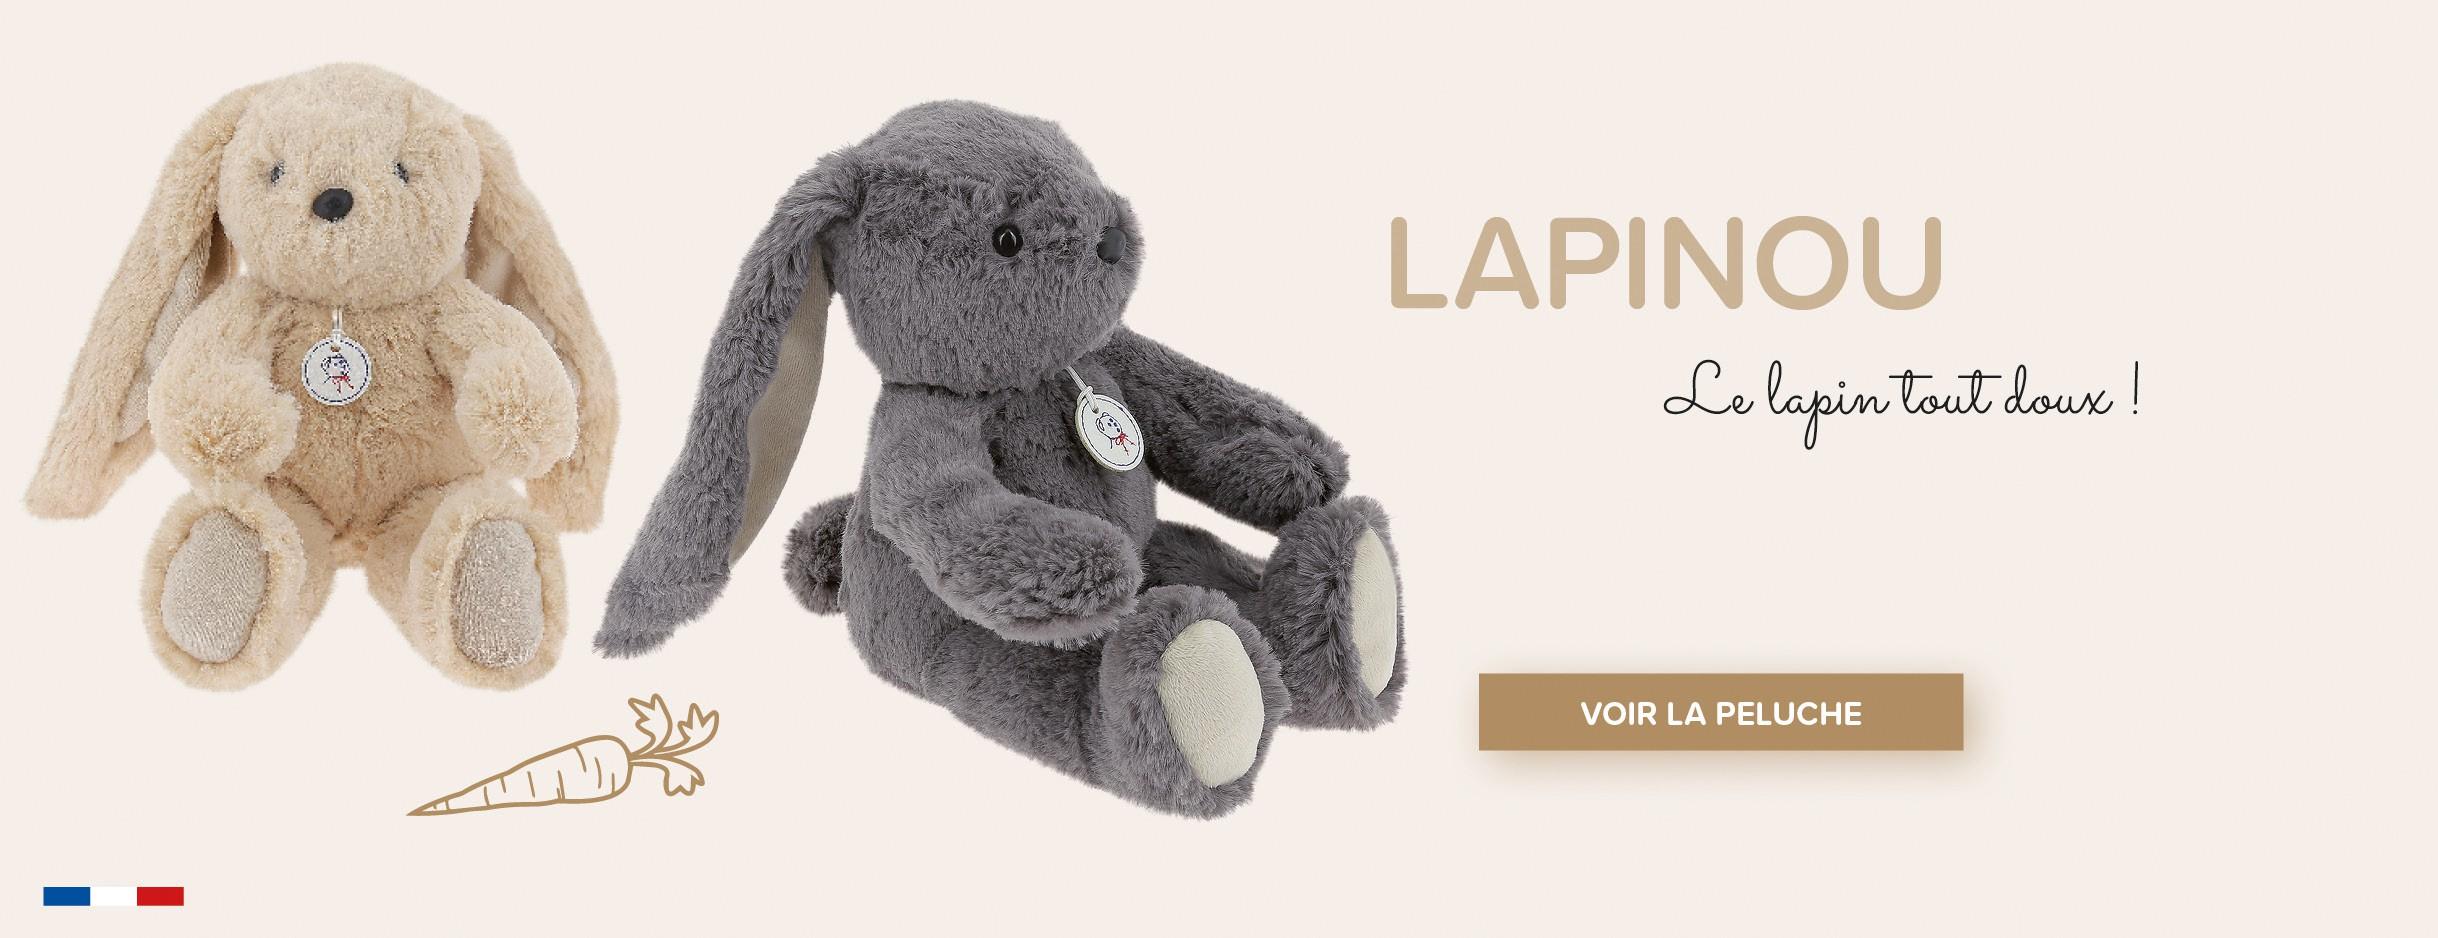 Nouveauté 2019 : Lapinou